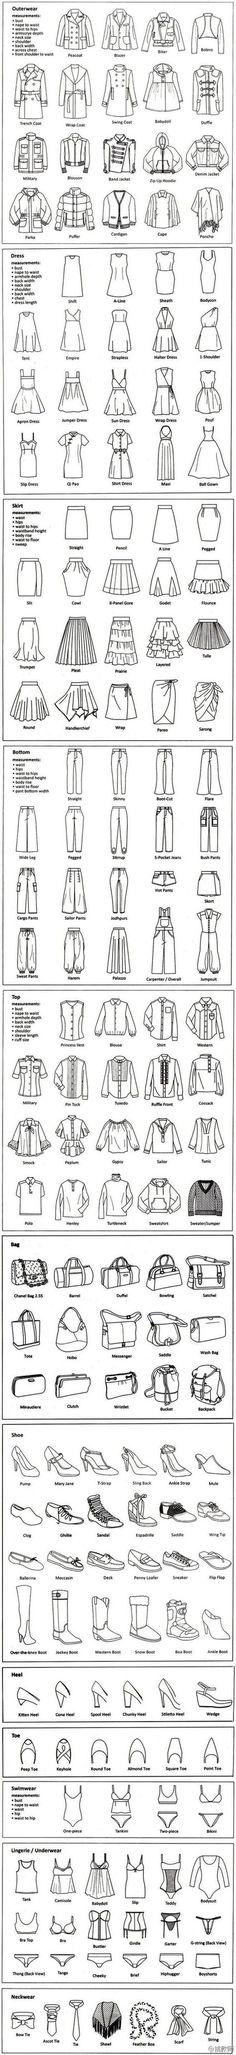 Terminología prendas de vestir para fichas técnicas en inglés #moda #figurines #técnicos Dibujo de prendas en plano www.figurinesdemoda.com: